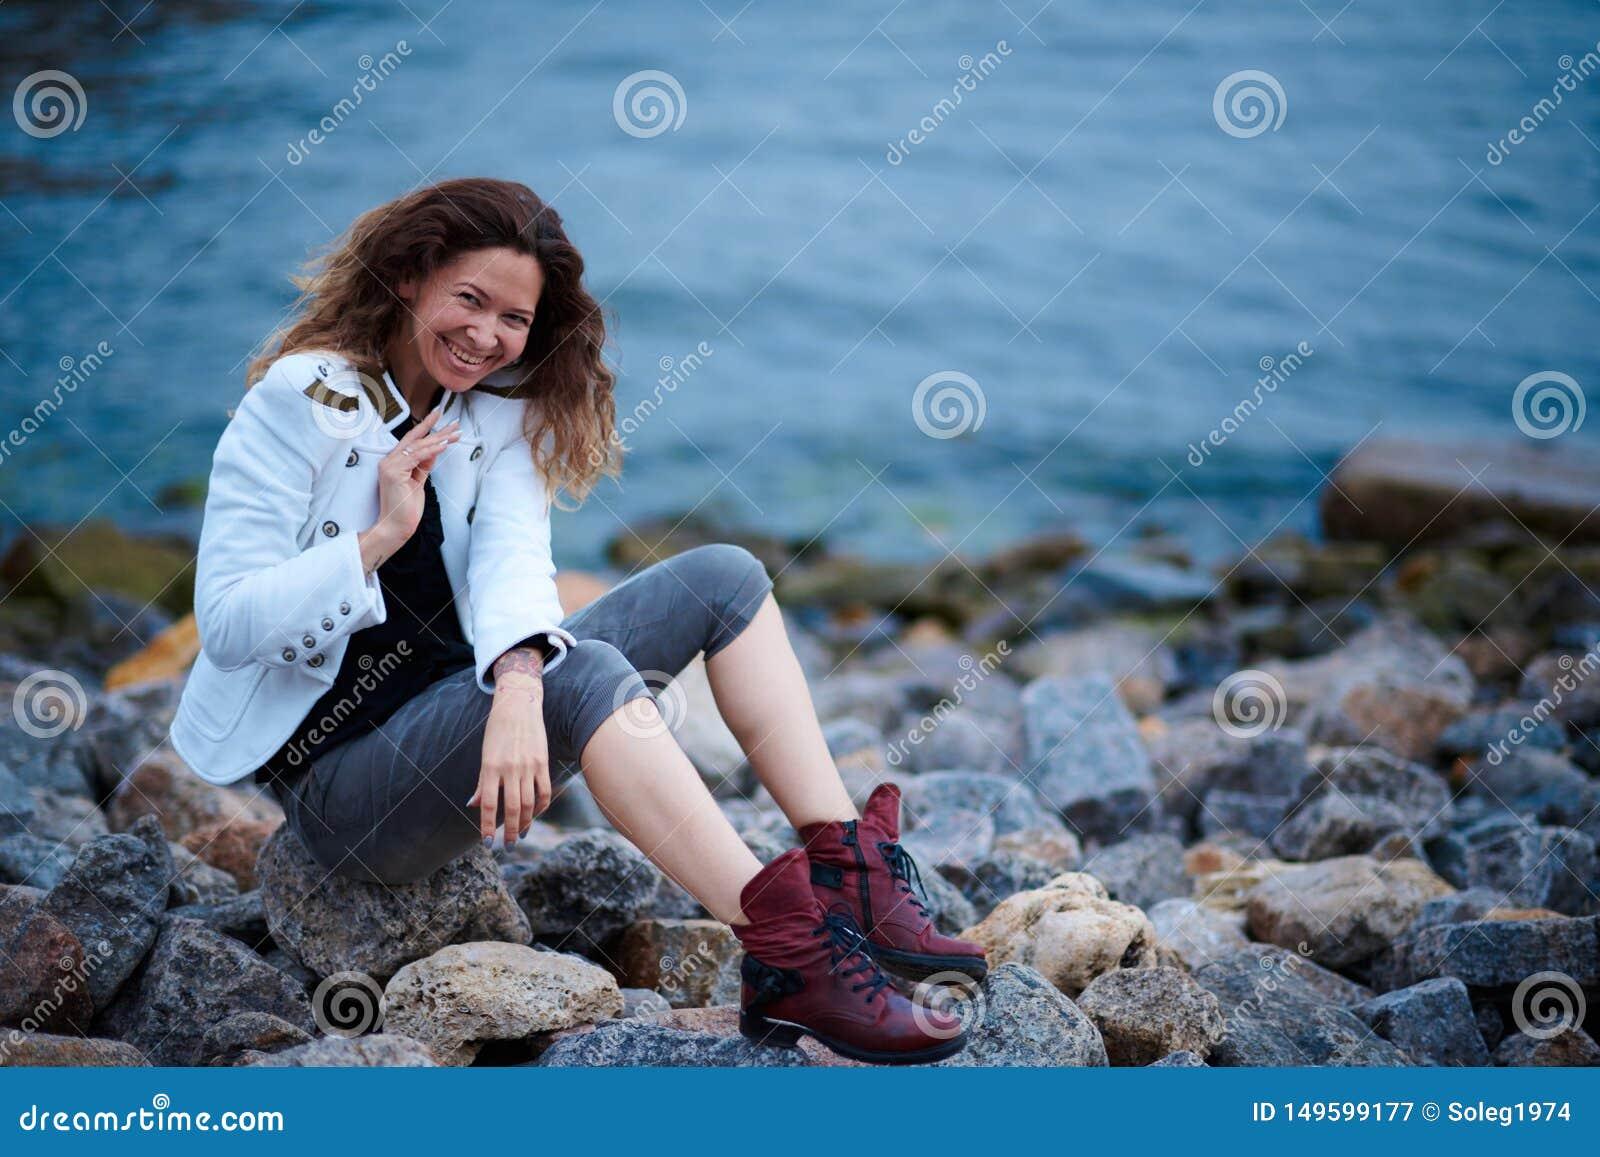 Το μοντέρνο κορίτσι έντυσε στο άσπρο σακάκι και το ευρύ παντελόνι που θέτουν κοντά στη θάλασσα το βράδυ